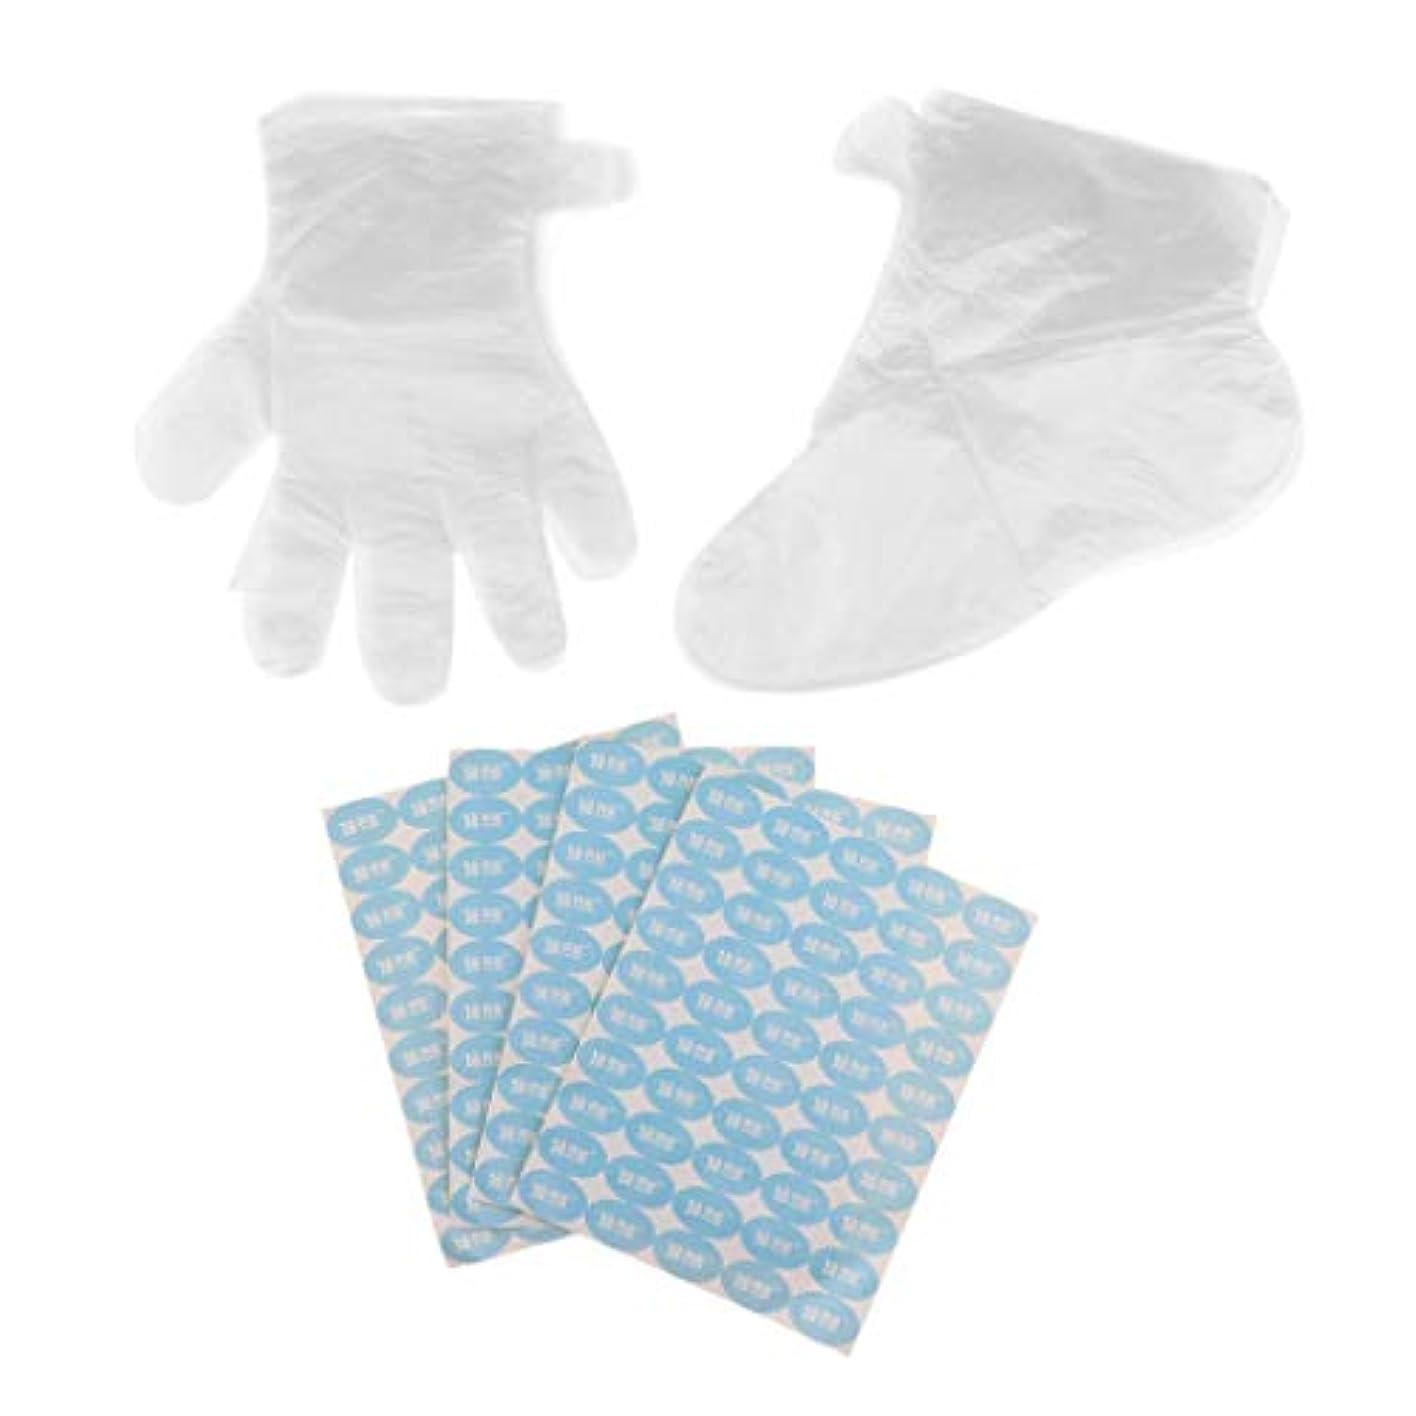 接ぎ木ムスタチオ並外れてD DOLITY 使い捨て手袋 ハンドカバー 使い捨てフットカバー 手足のサビース用 2-3シートステッカー付 200個入